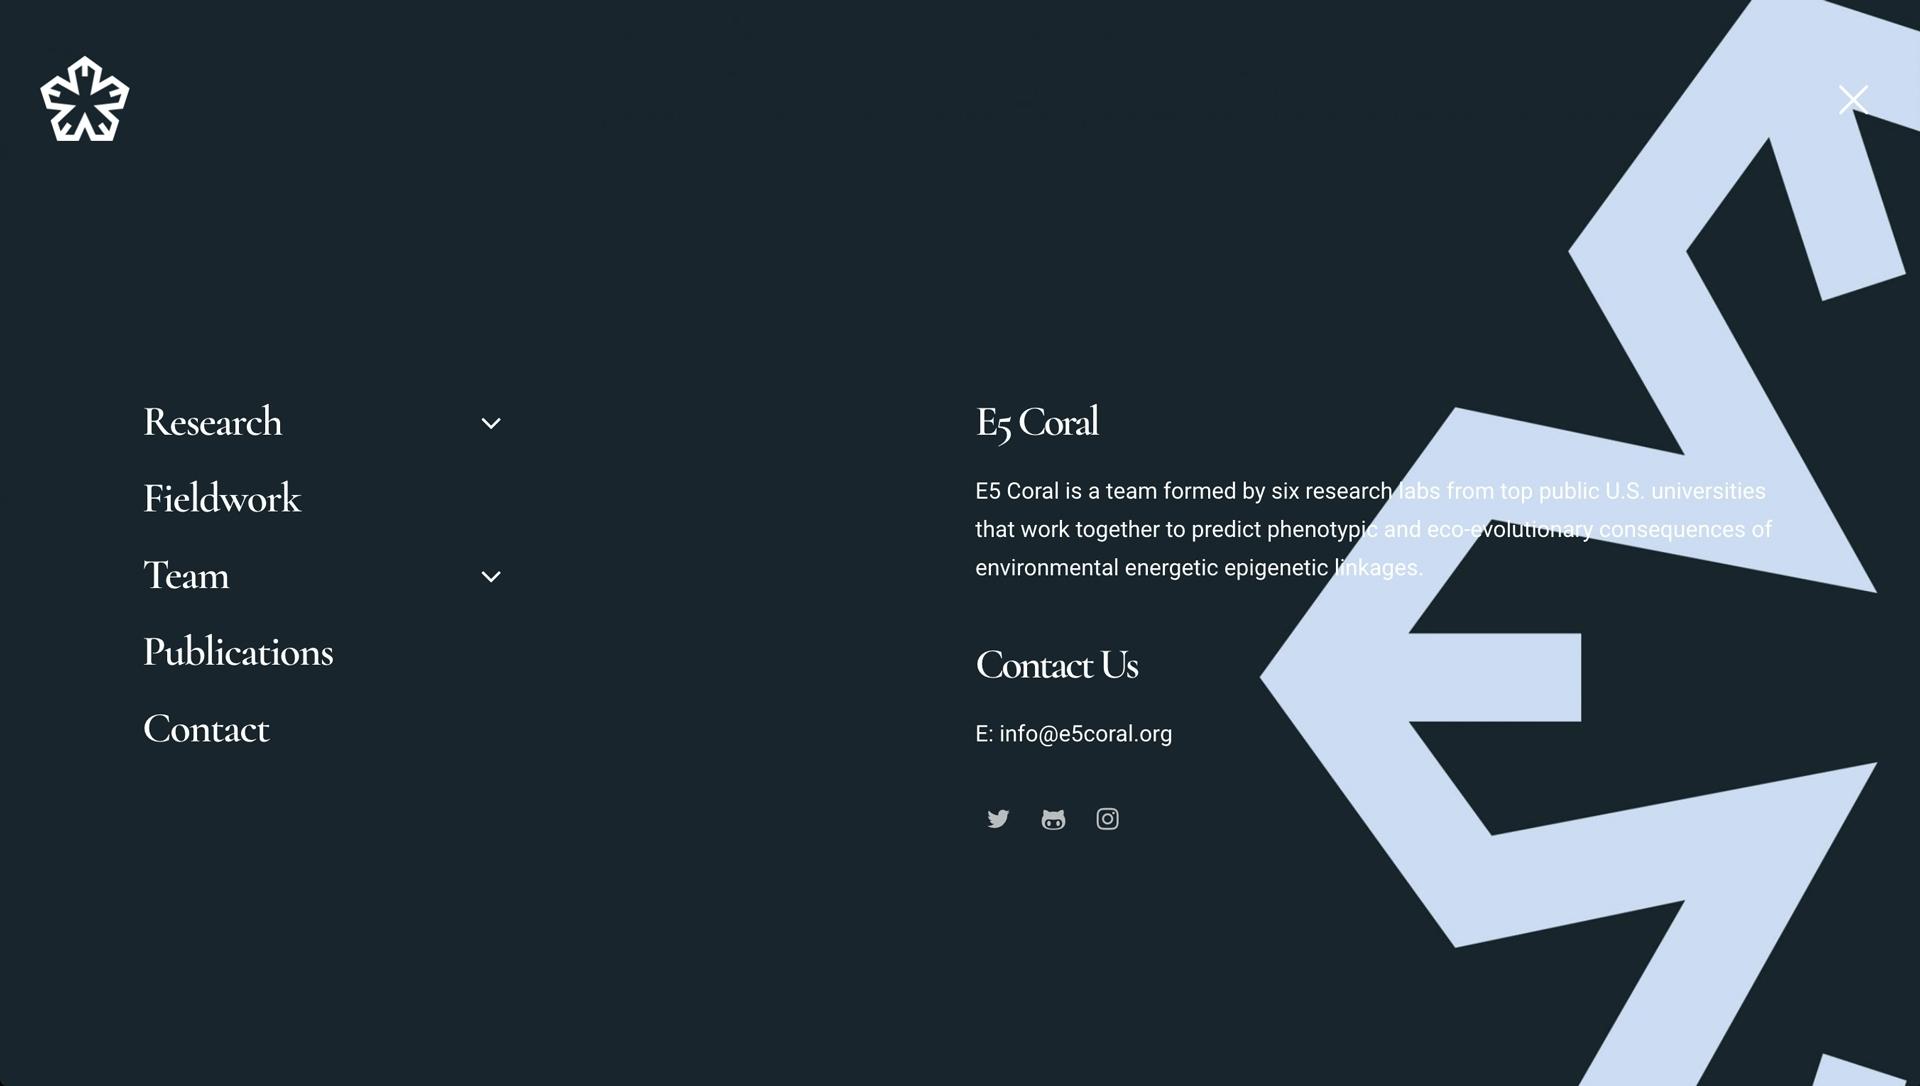 Web Design E5 Coral